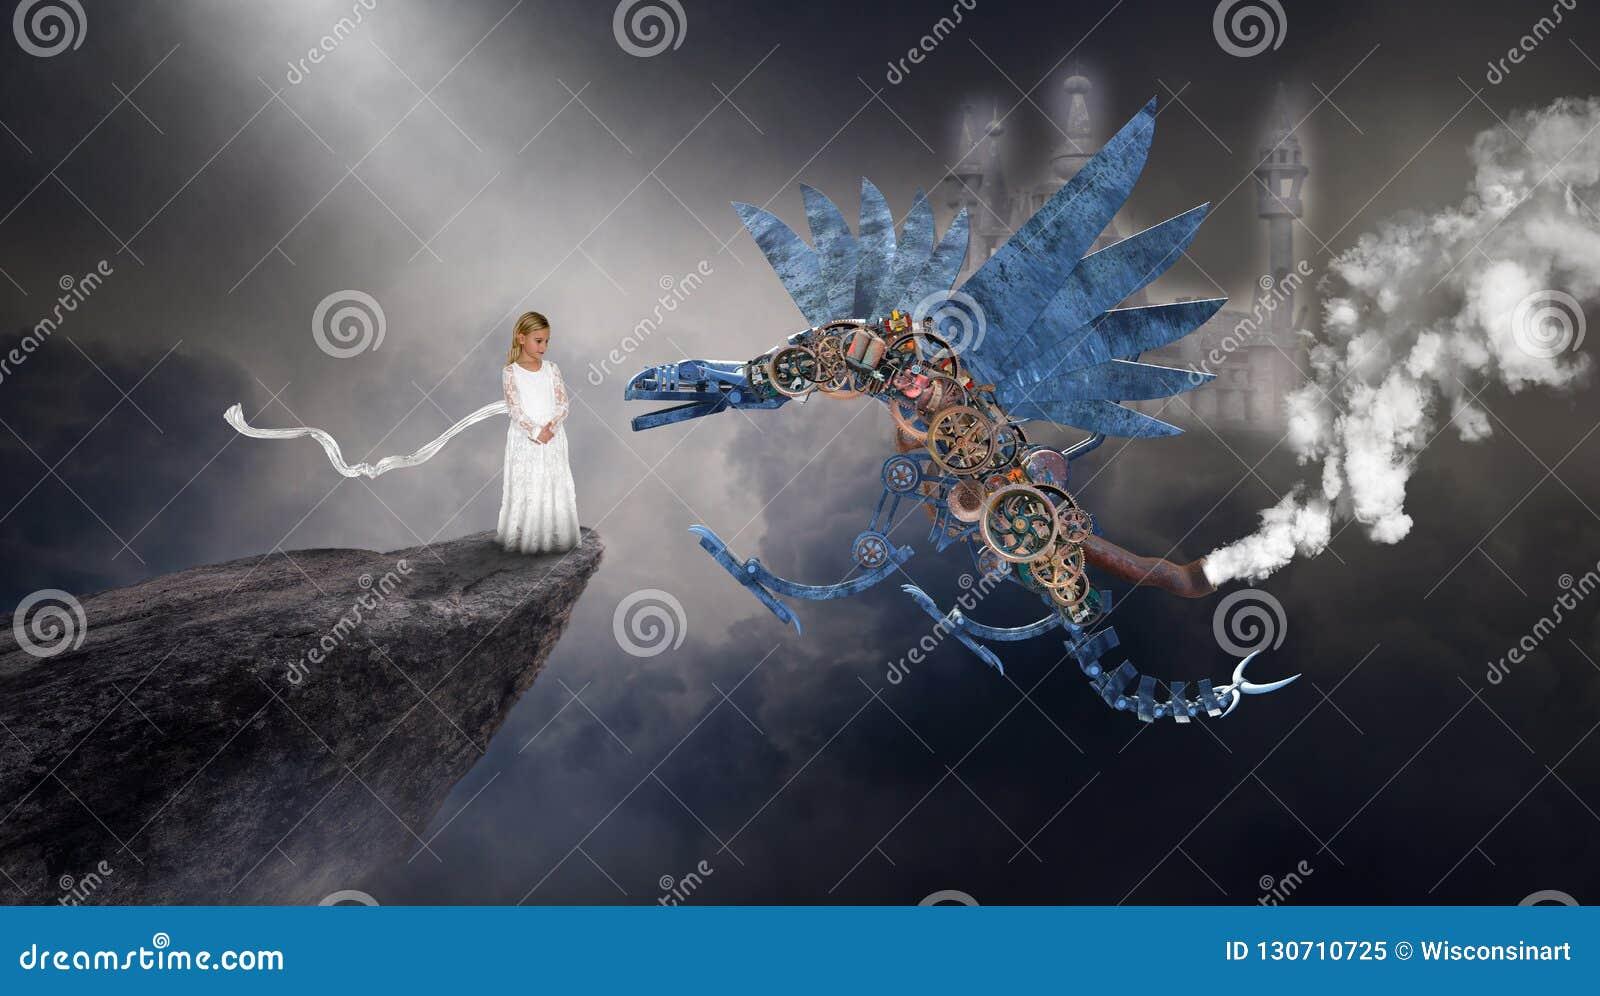 超现实的Steampunk龙,想象力,幻想,少女